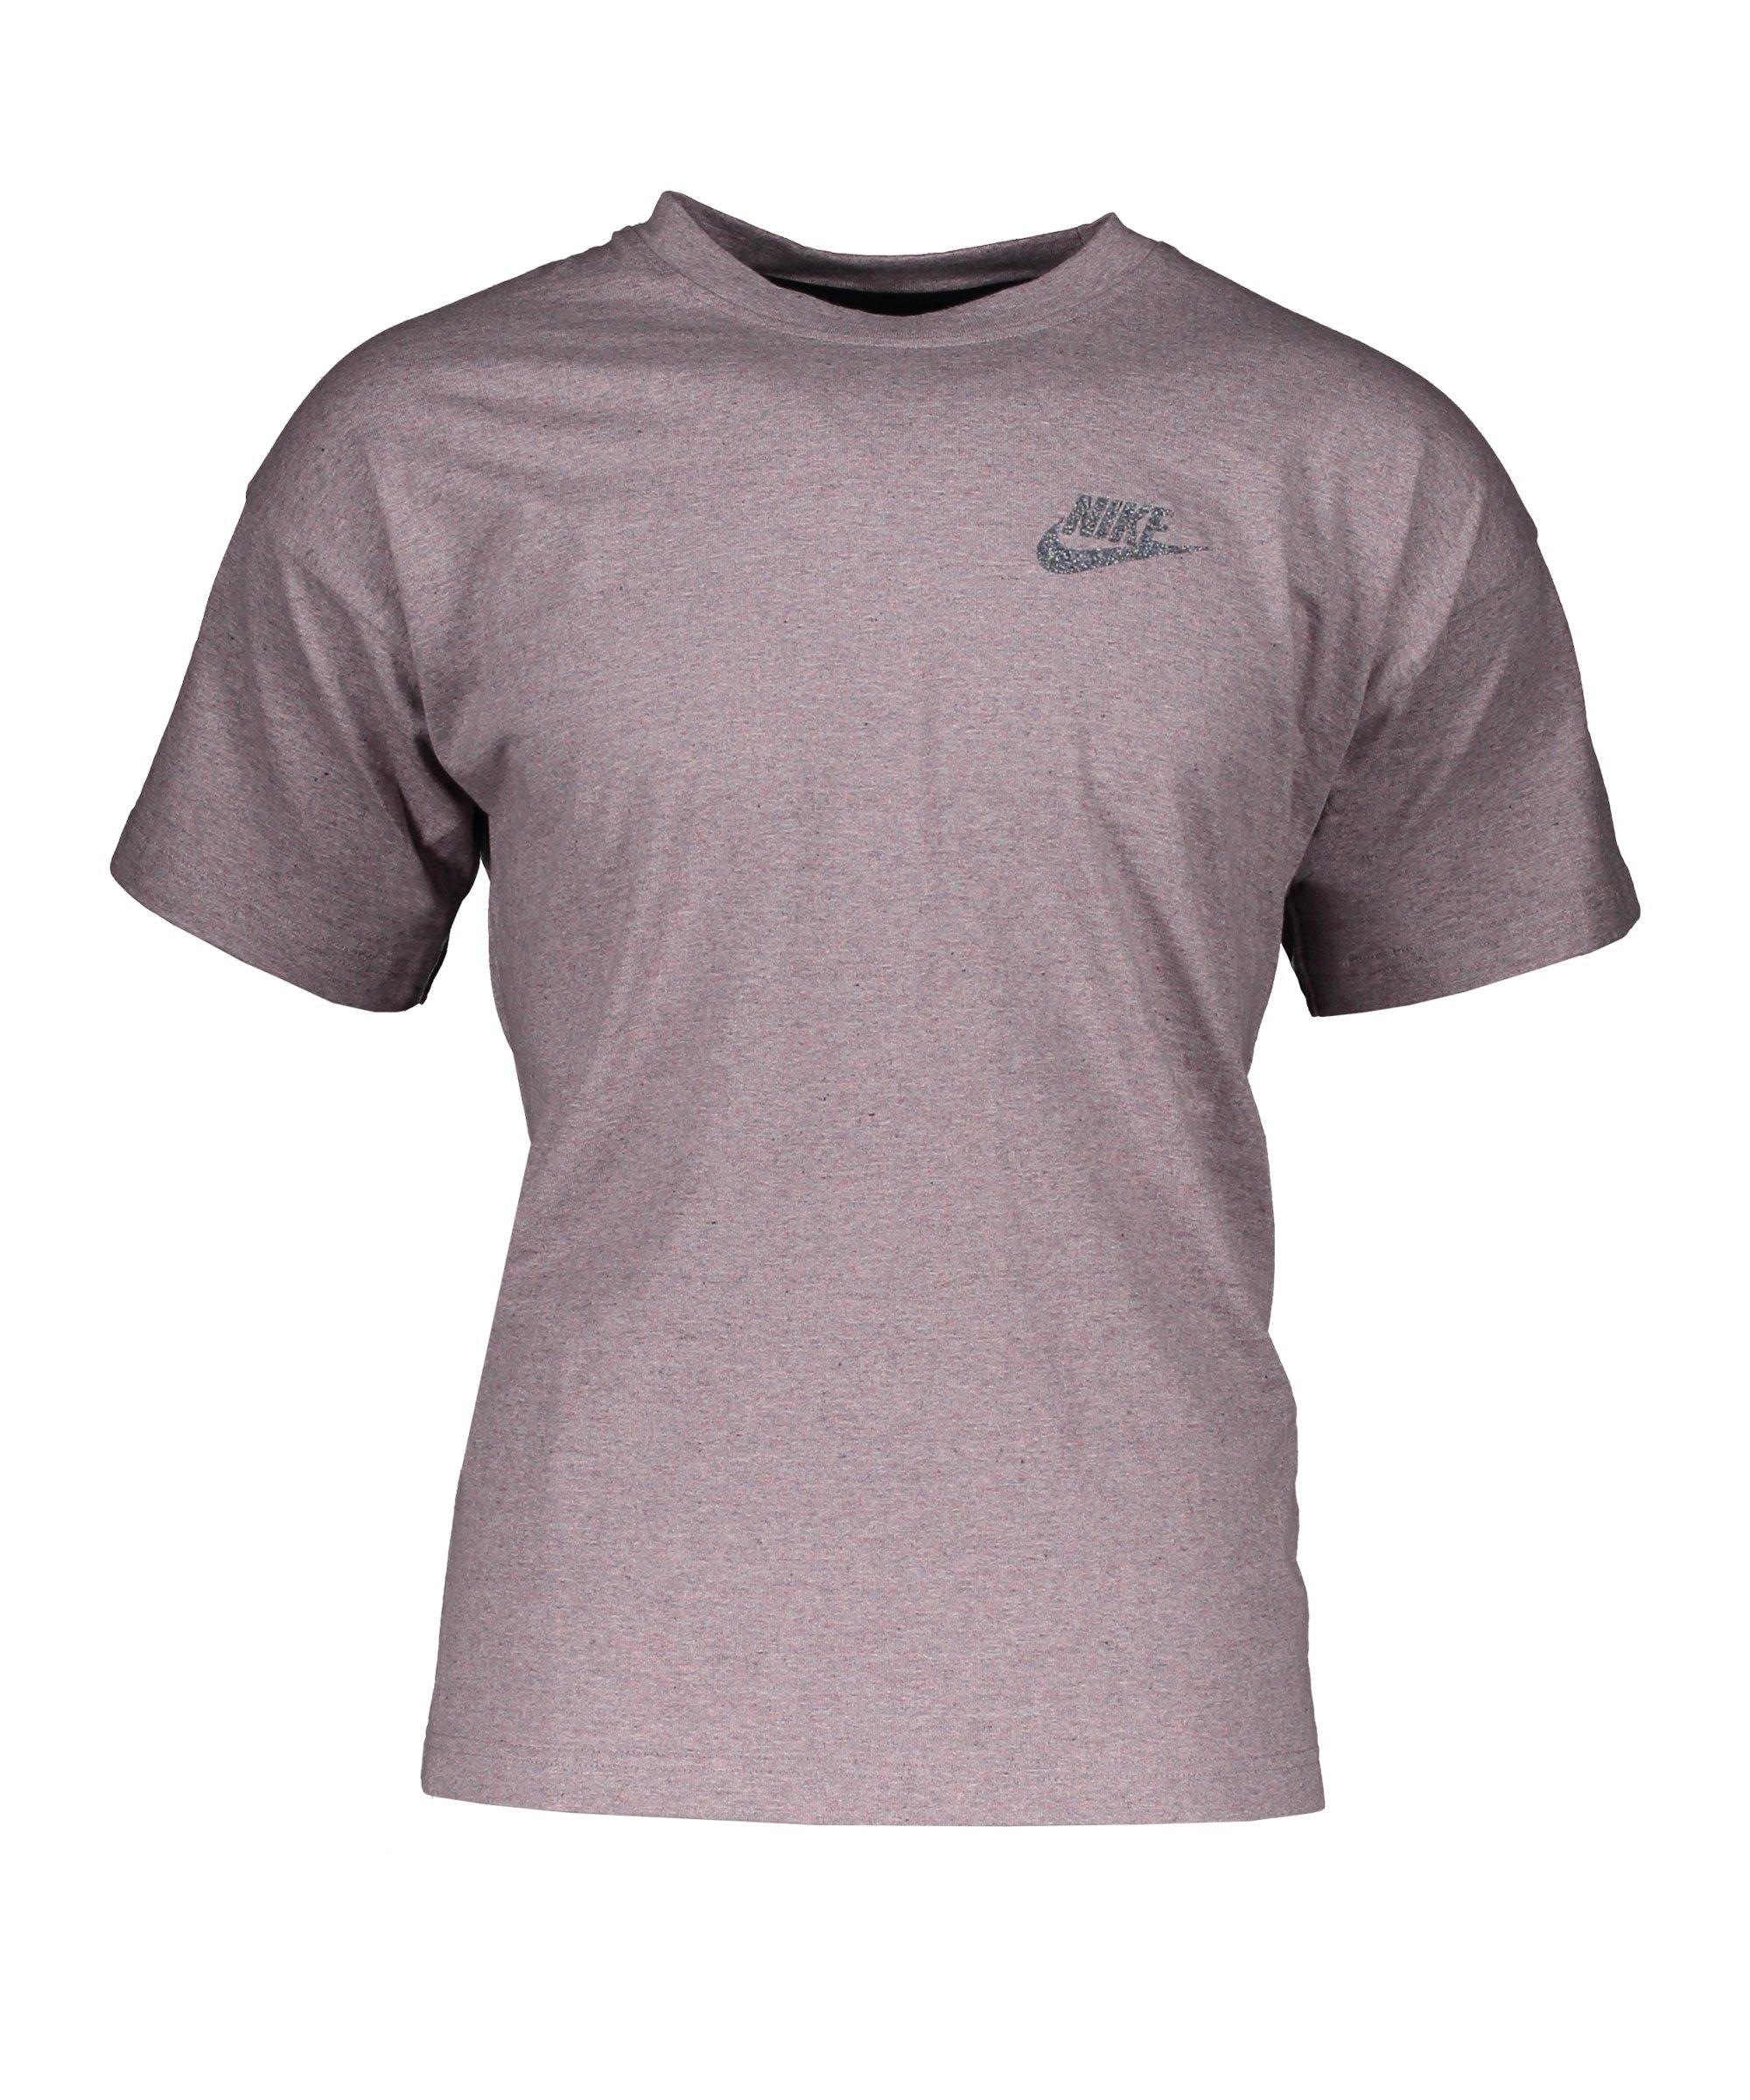 Nike Essentials T-Shirt Rot F903 - rot